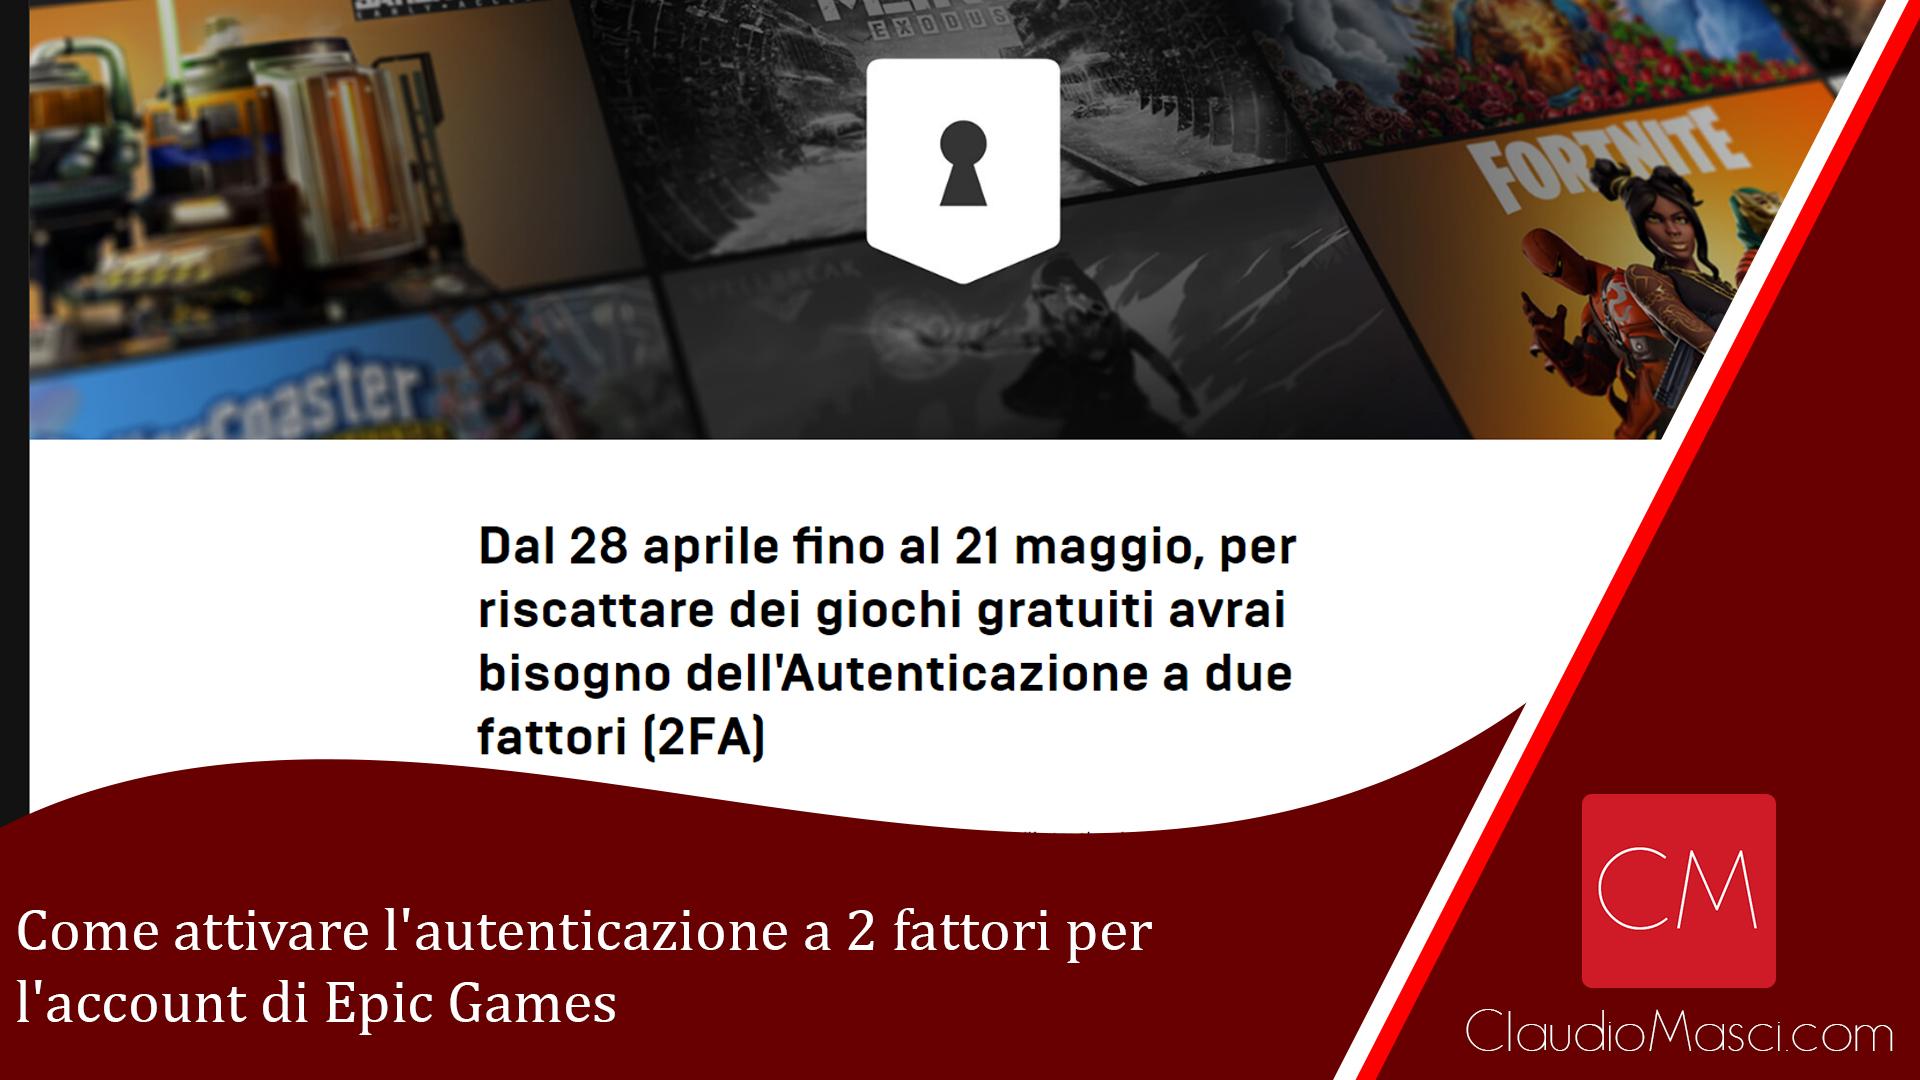 Come attivare l'autenticazione a 2 fattori per l'account di Epic Games